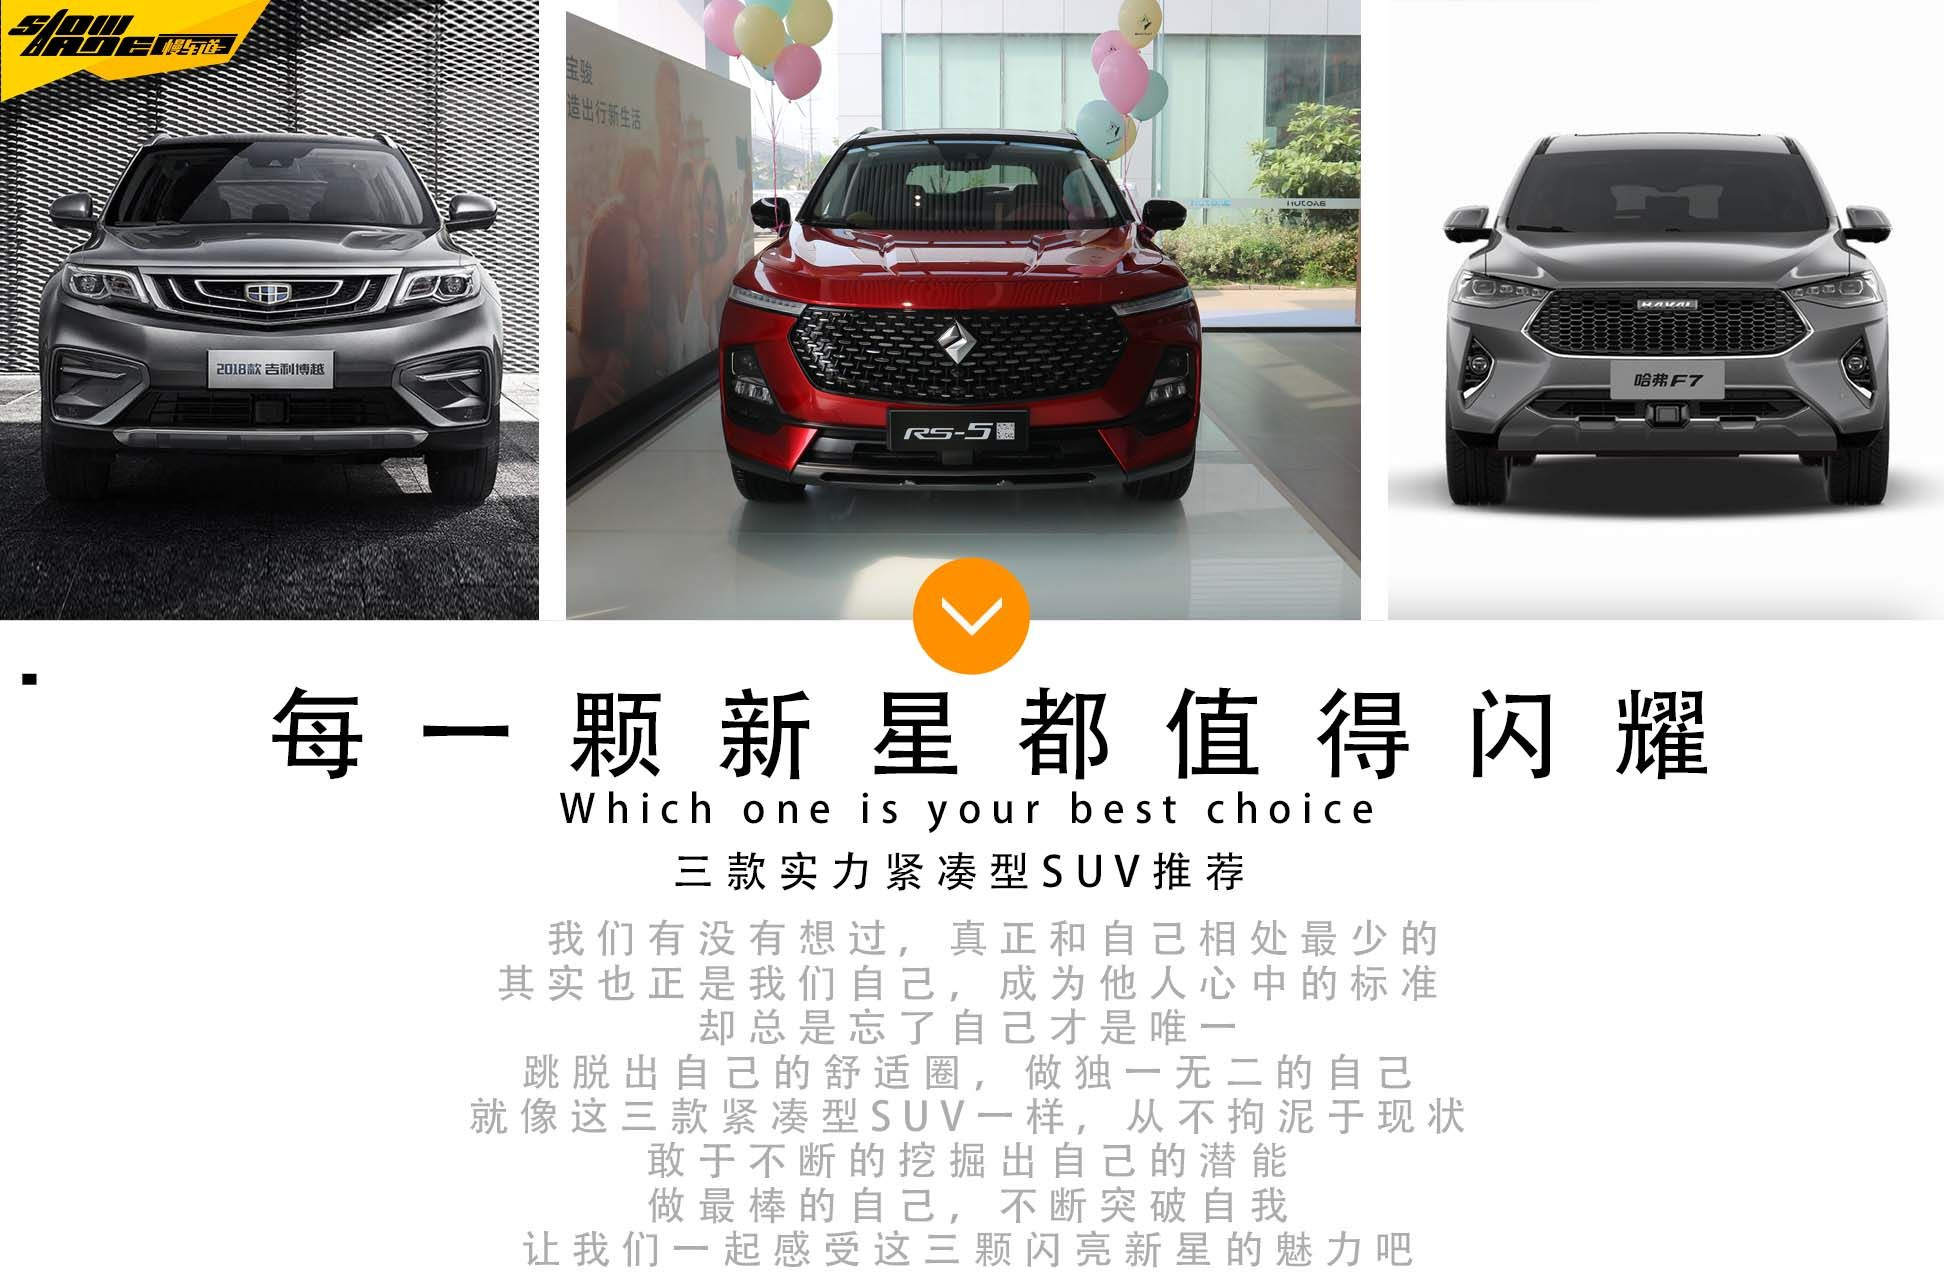 每一颗新星都值得闪耀 三款紧凑型SUV推荐